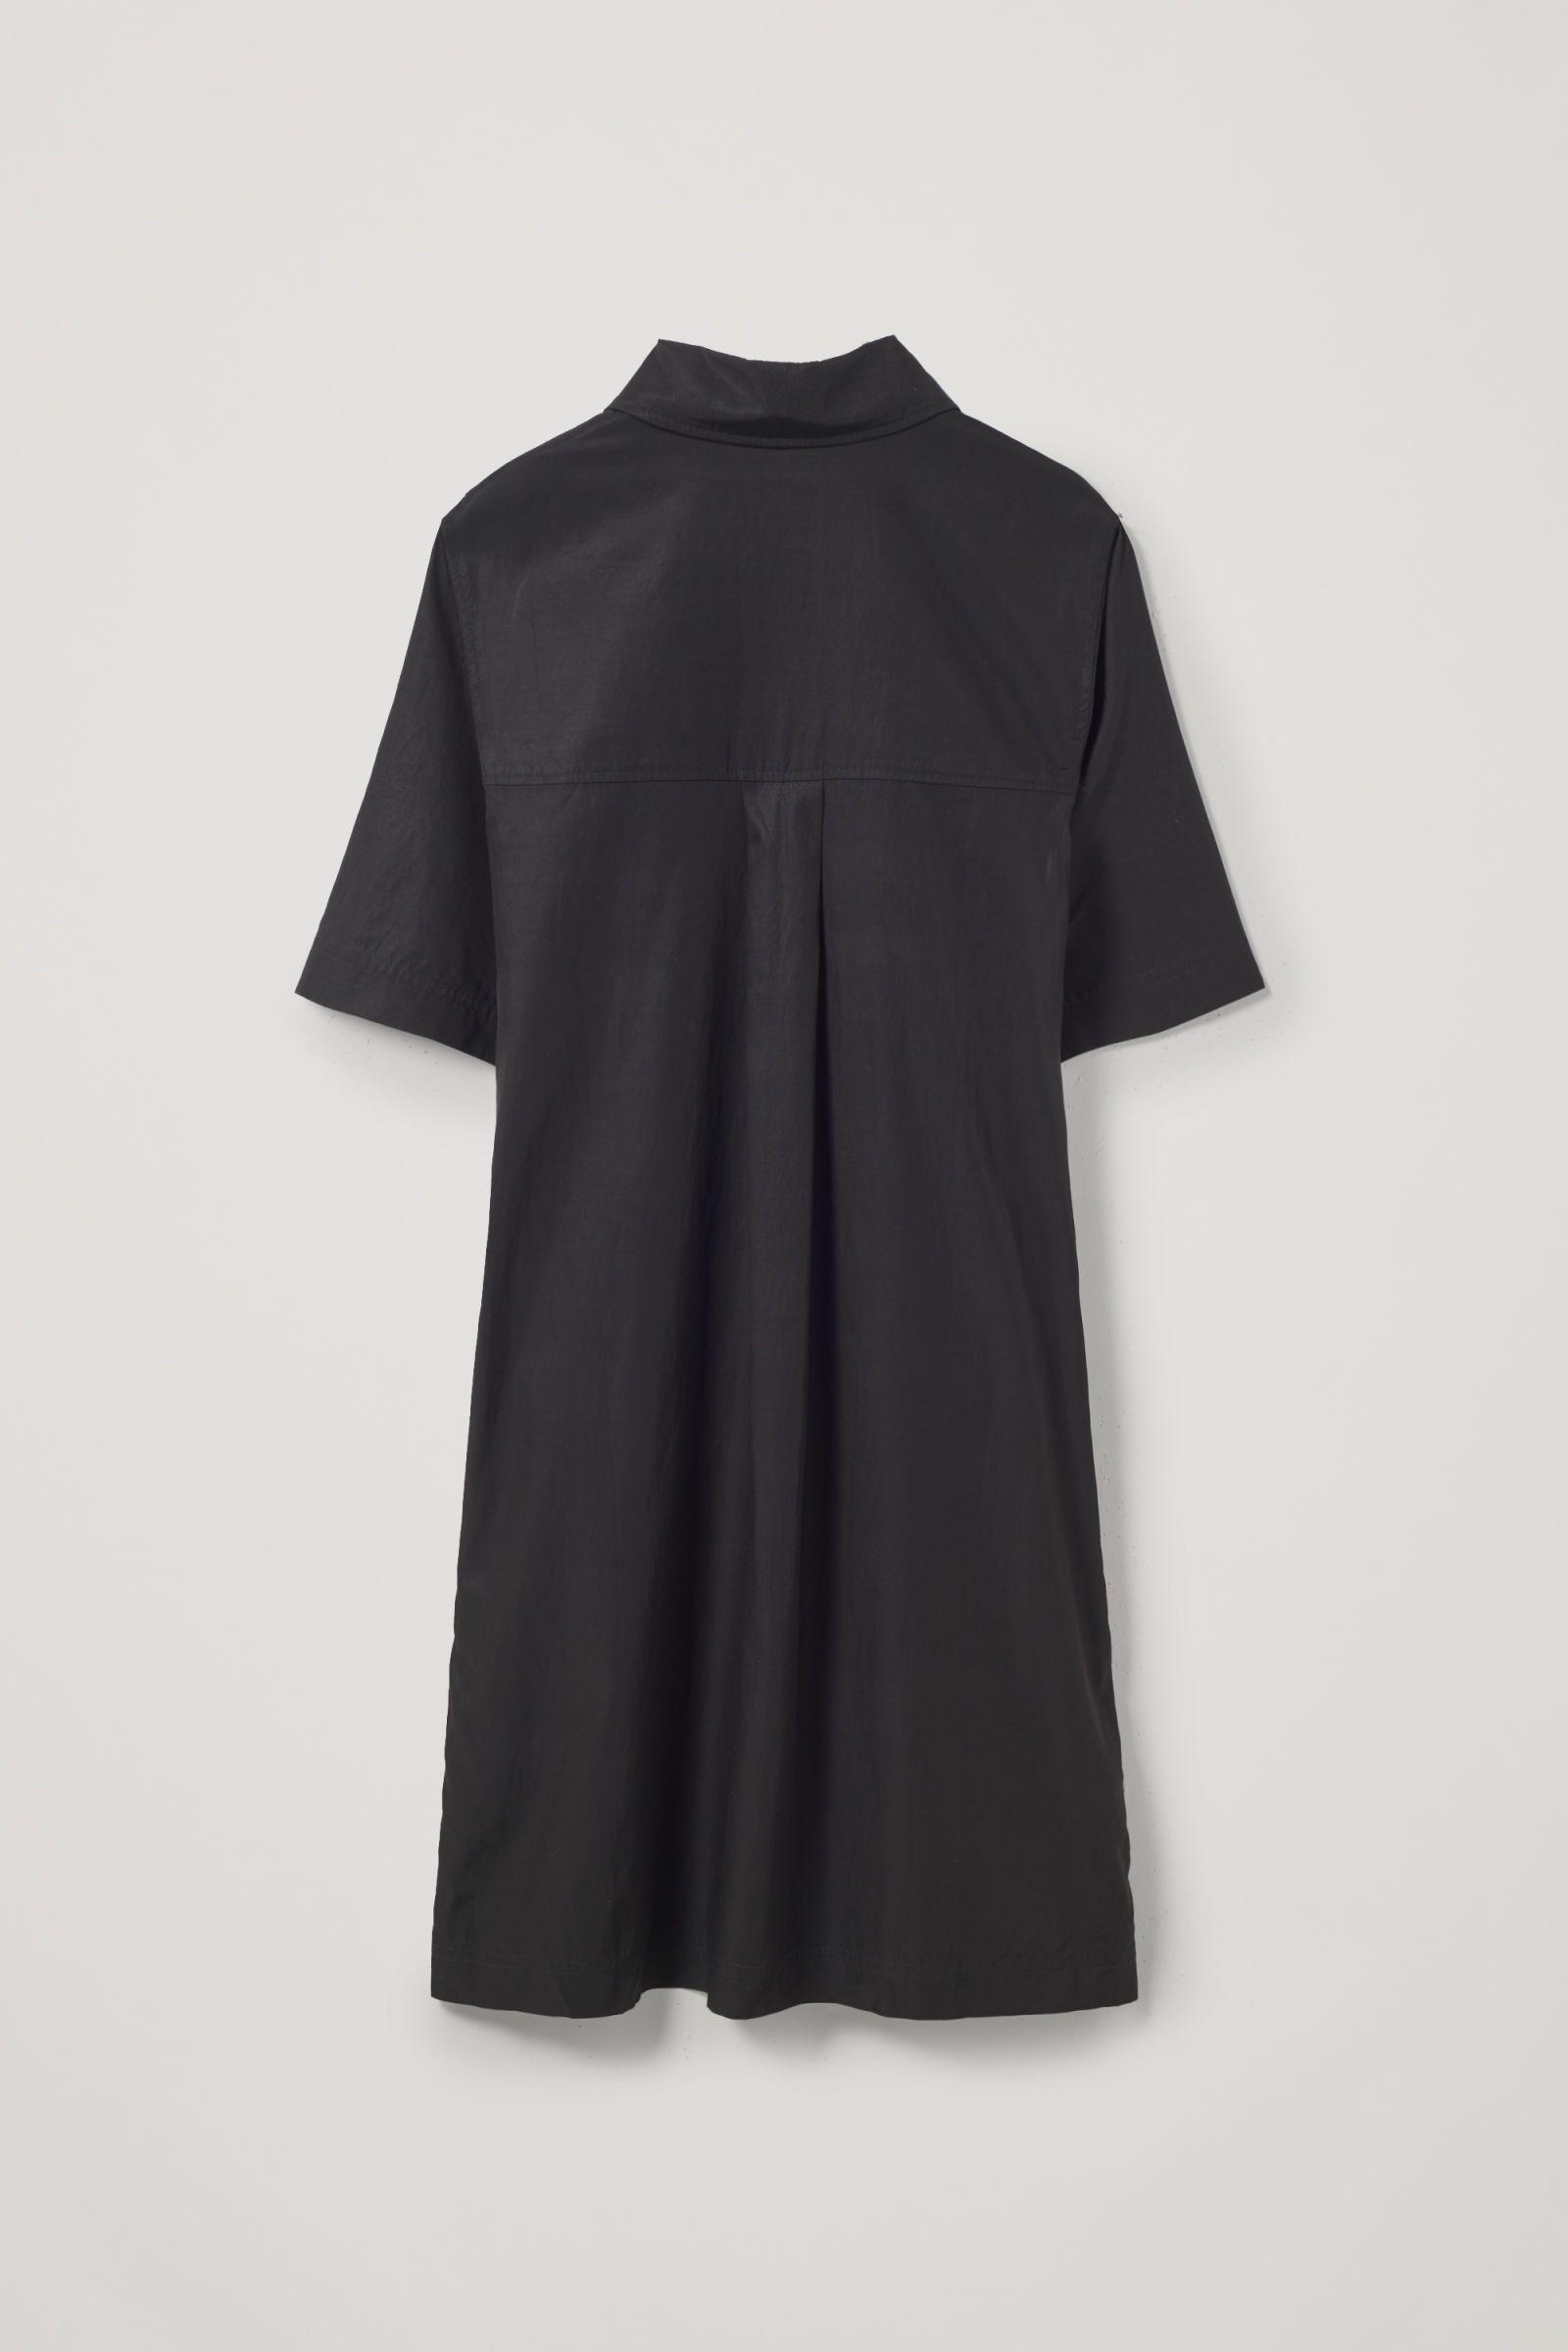 Zip Up Cotton Cupro Shirt Dress Shirt Dress Shirts Dresses [ 2400 x 1600 Pixel ]